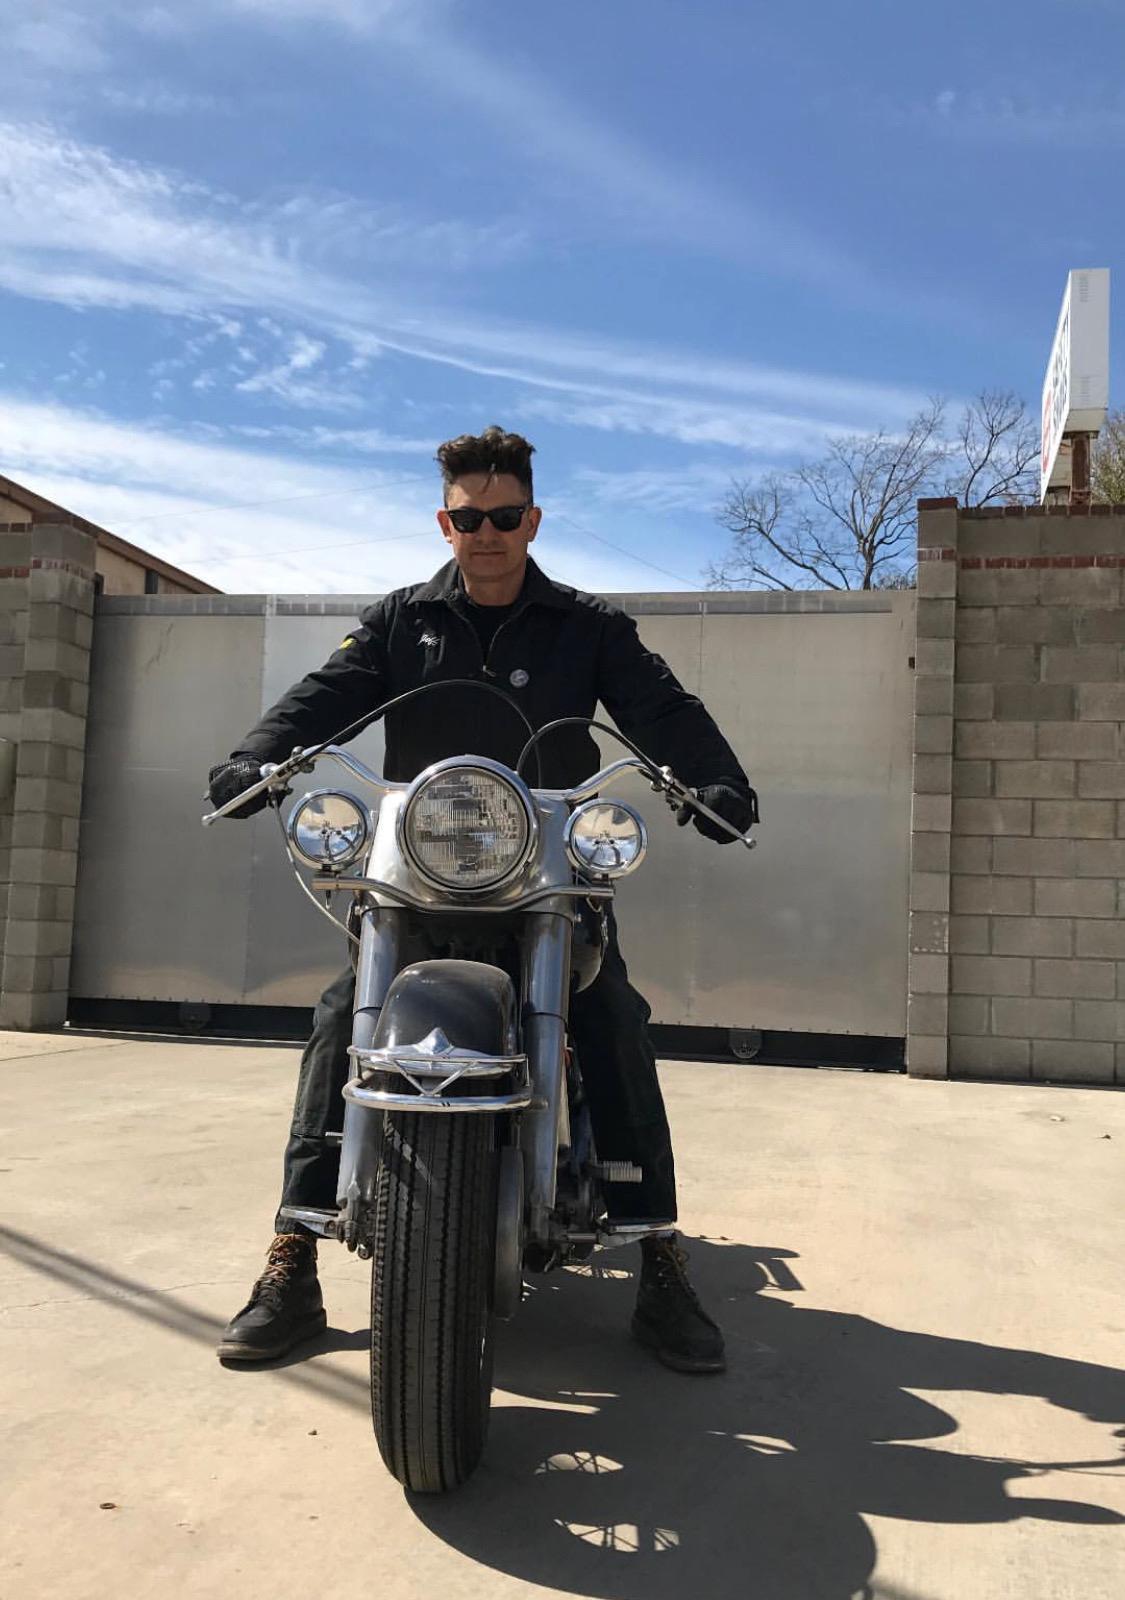 milburn on motorcycle